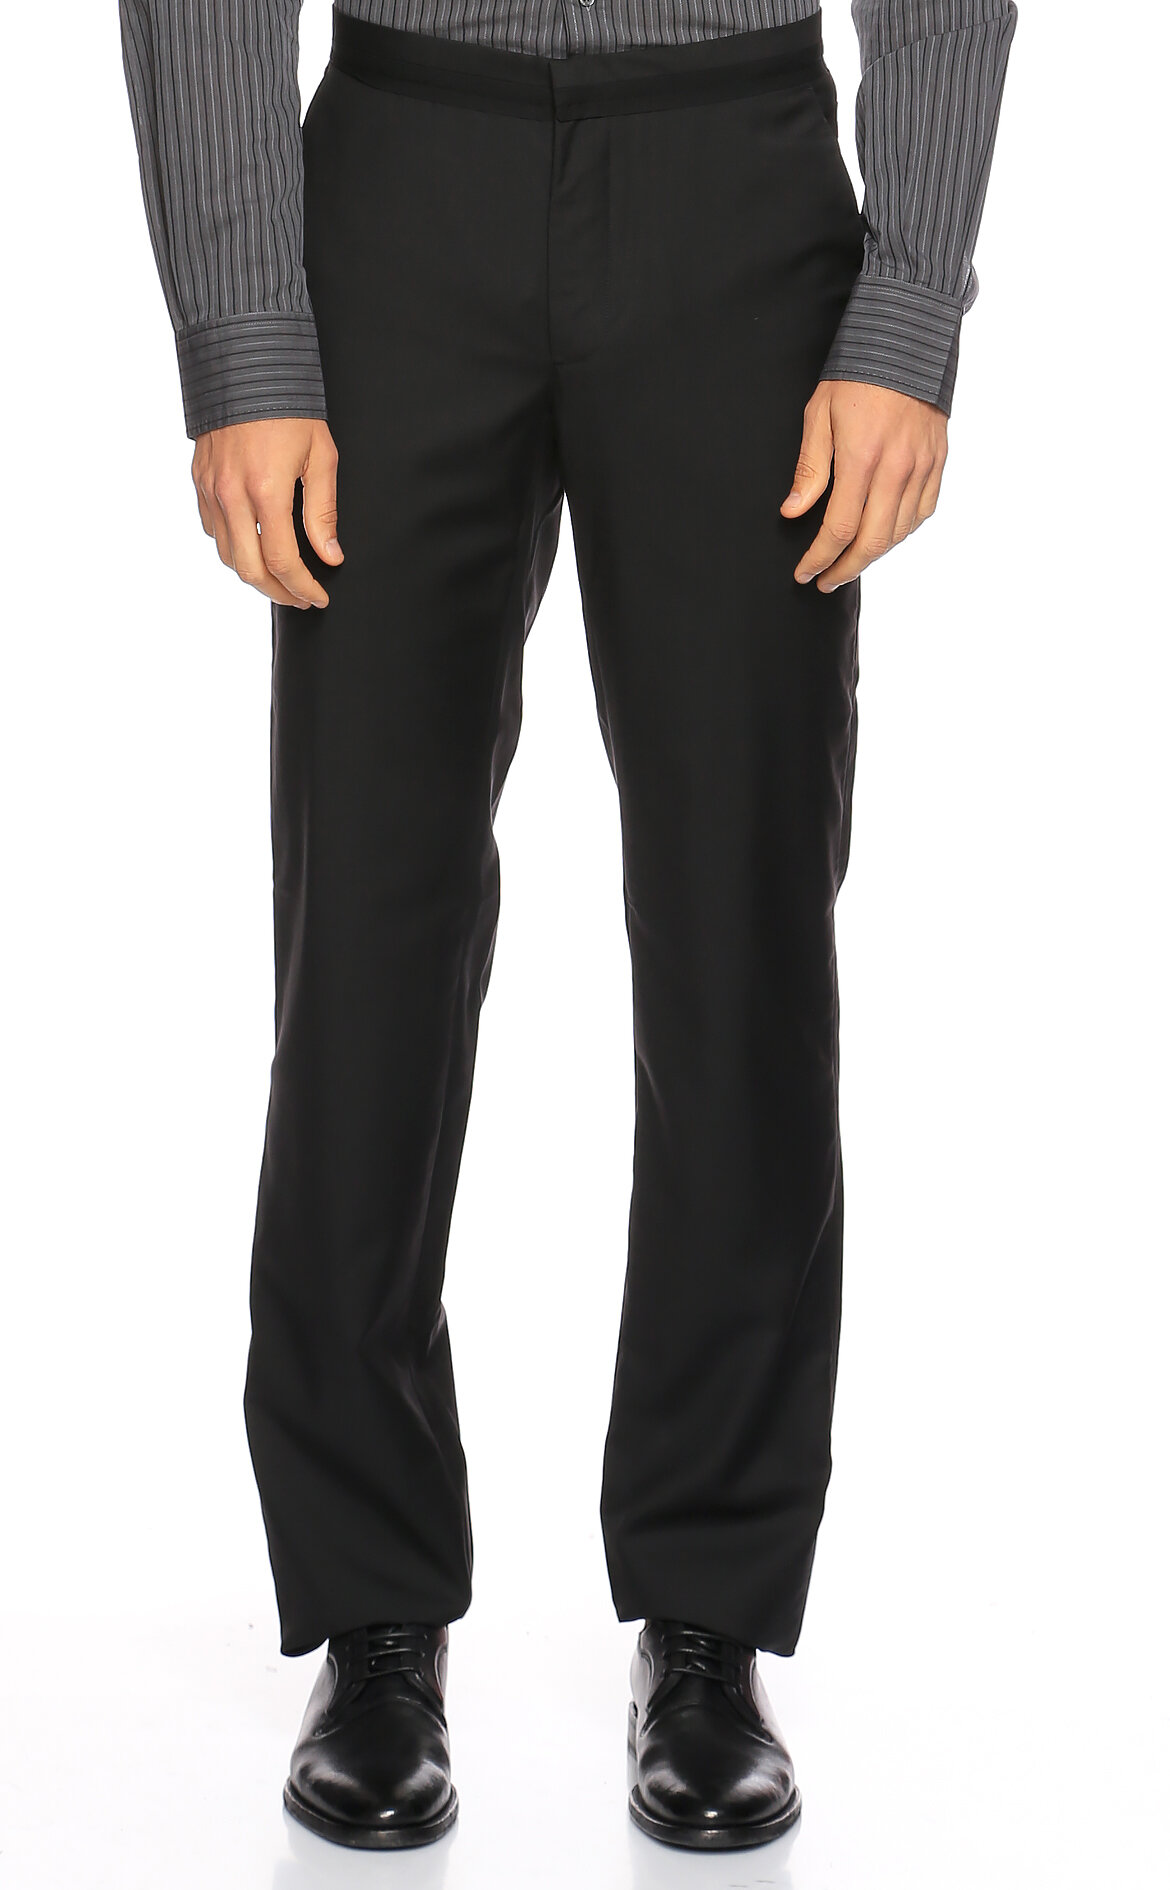 Lanvin-Lanvin Siyah Pantolon